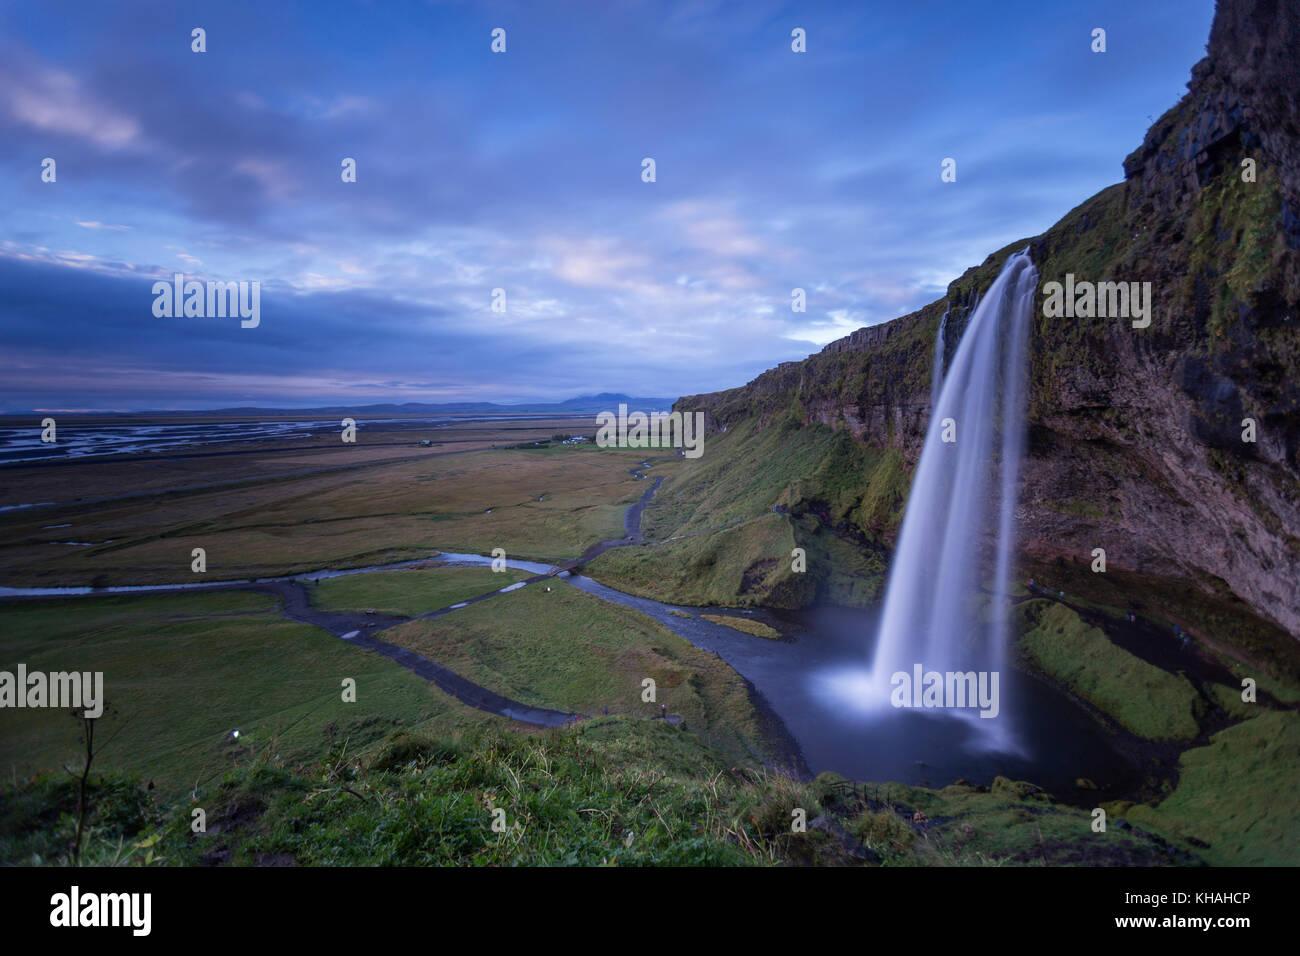 Cascada Seljalandsfoss en la costa sur de Islandia. Un conocido destino turístico. Imagen De Stock